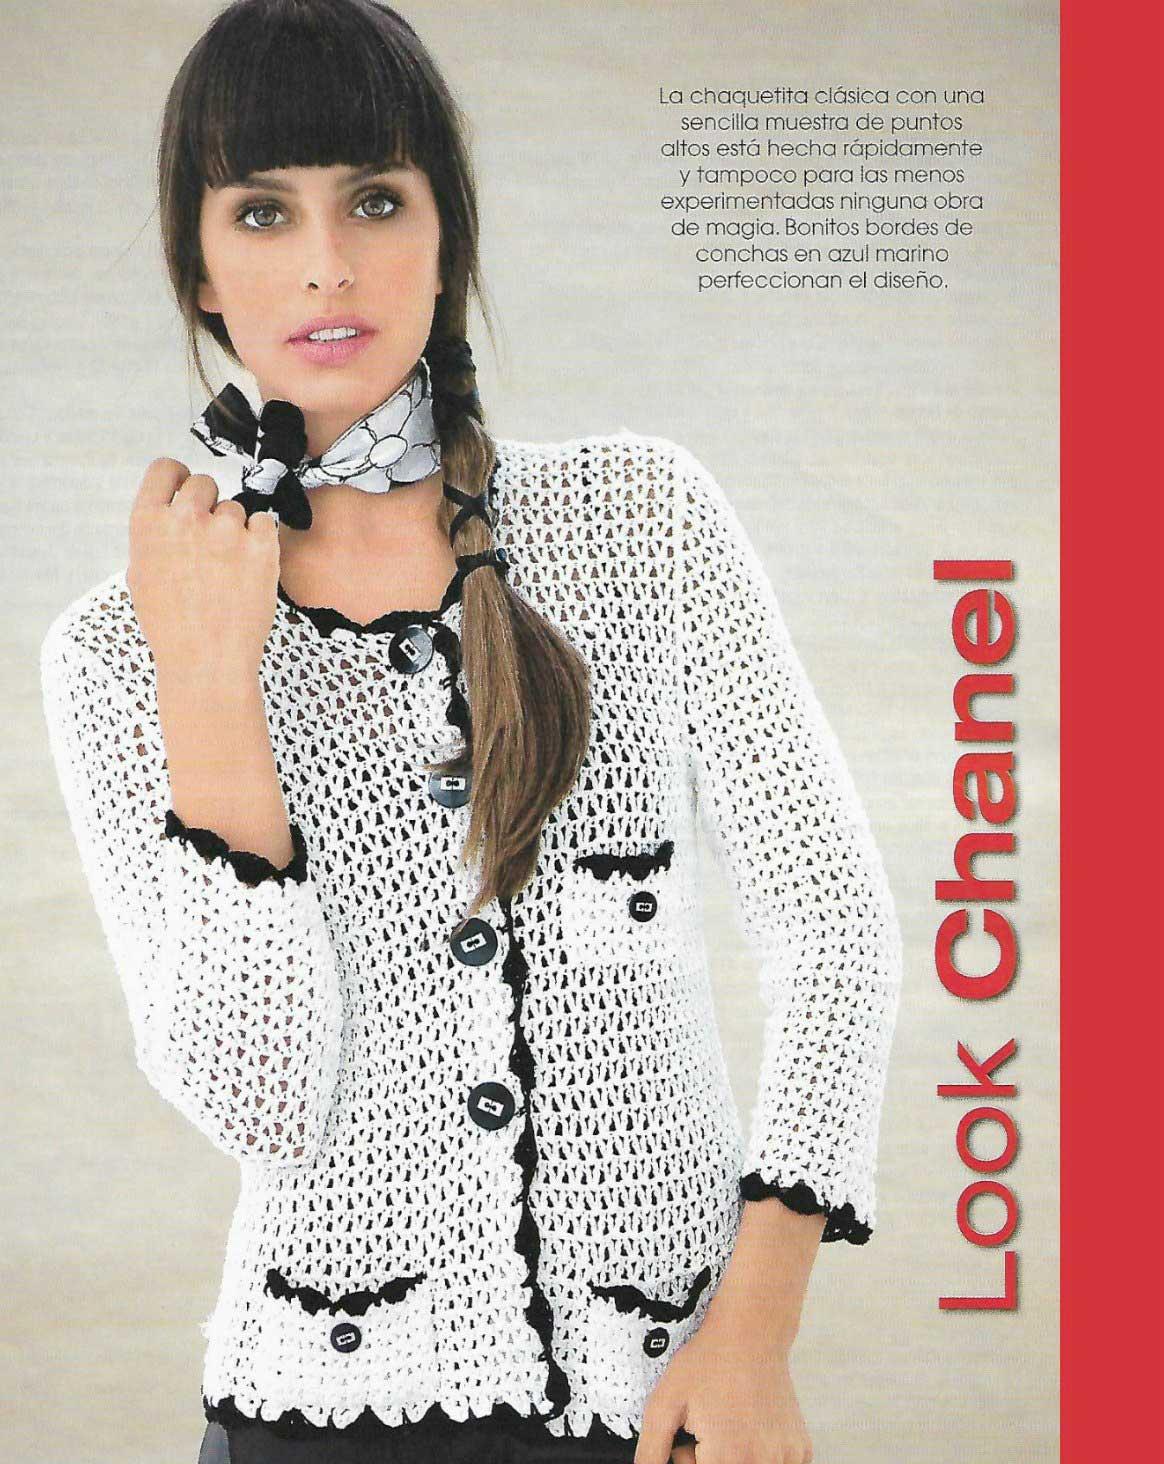 Chaqueta blanca con bordes de conchas look Chanel